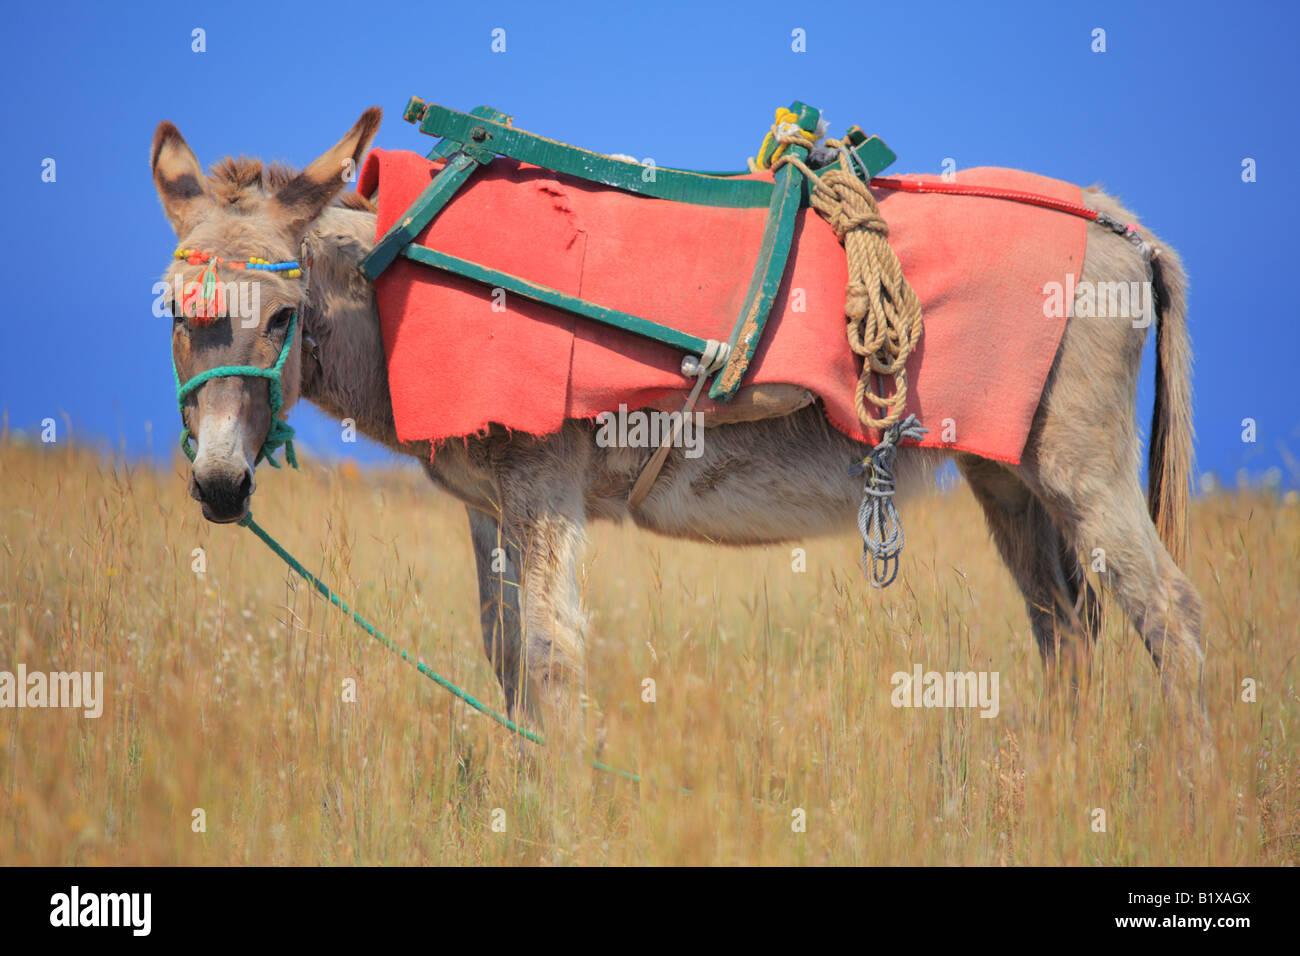 Donkey on Santorini island - Stock Image